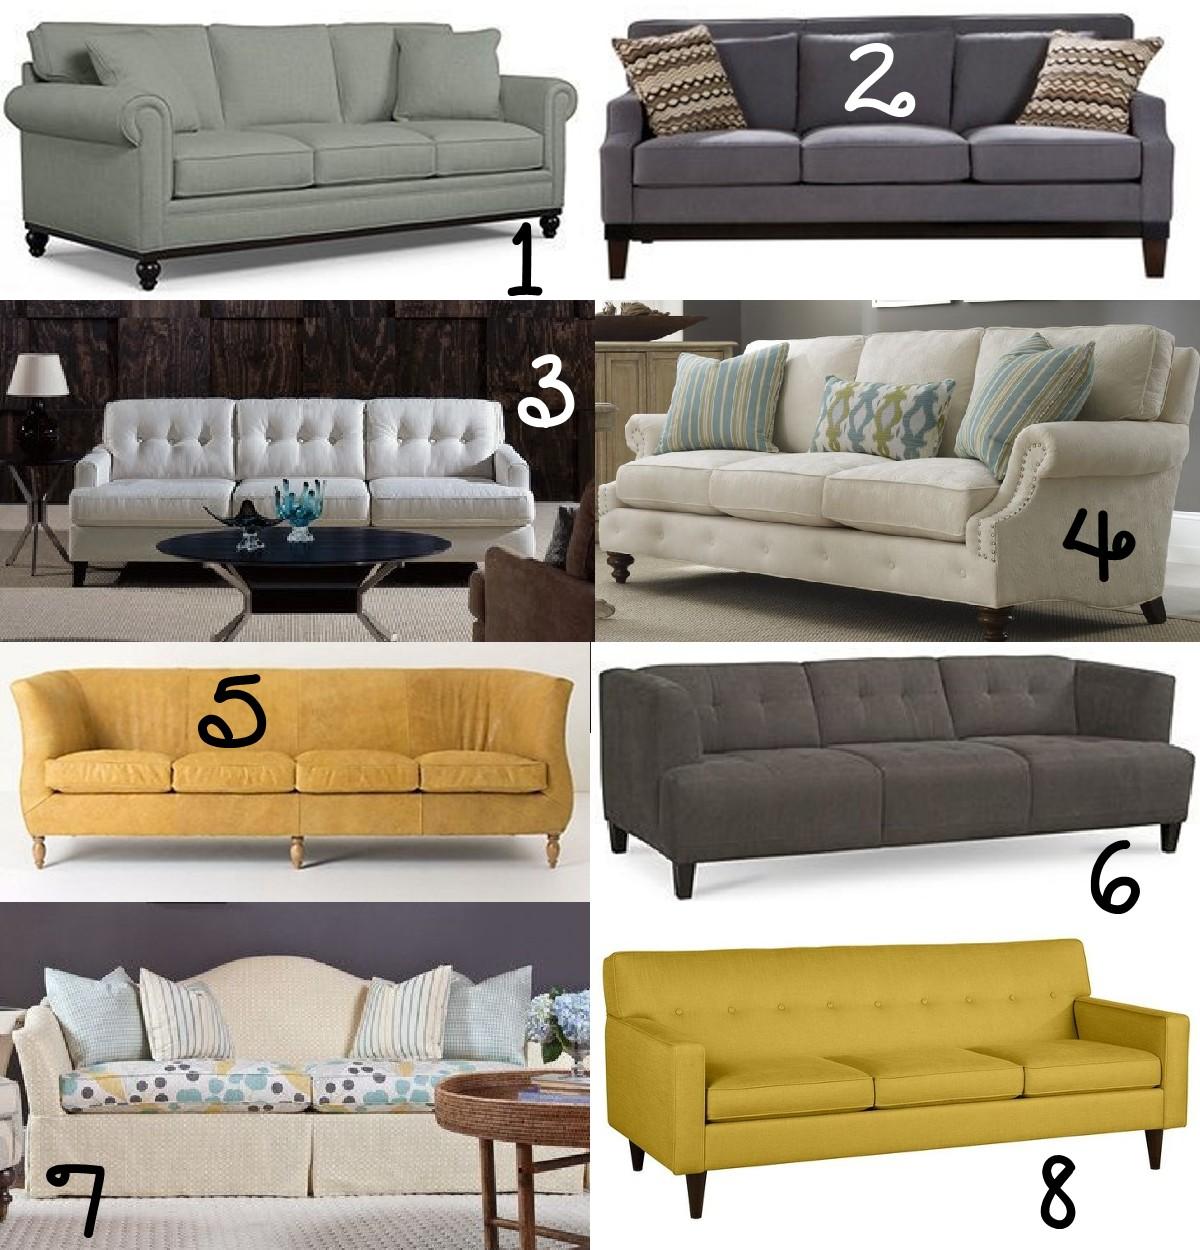 Martha Stewart Club Sofa 2. Jai Ash Sofa 3. Barbara Sofa 4. Emma Sofa 5.  Harvey Sofa